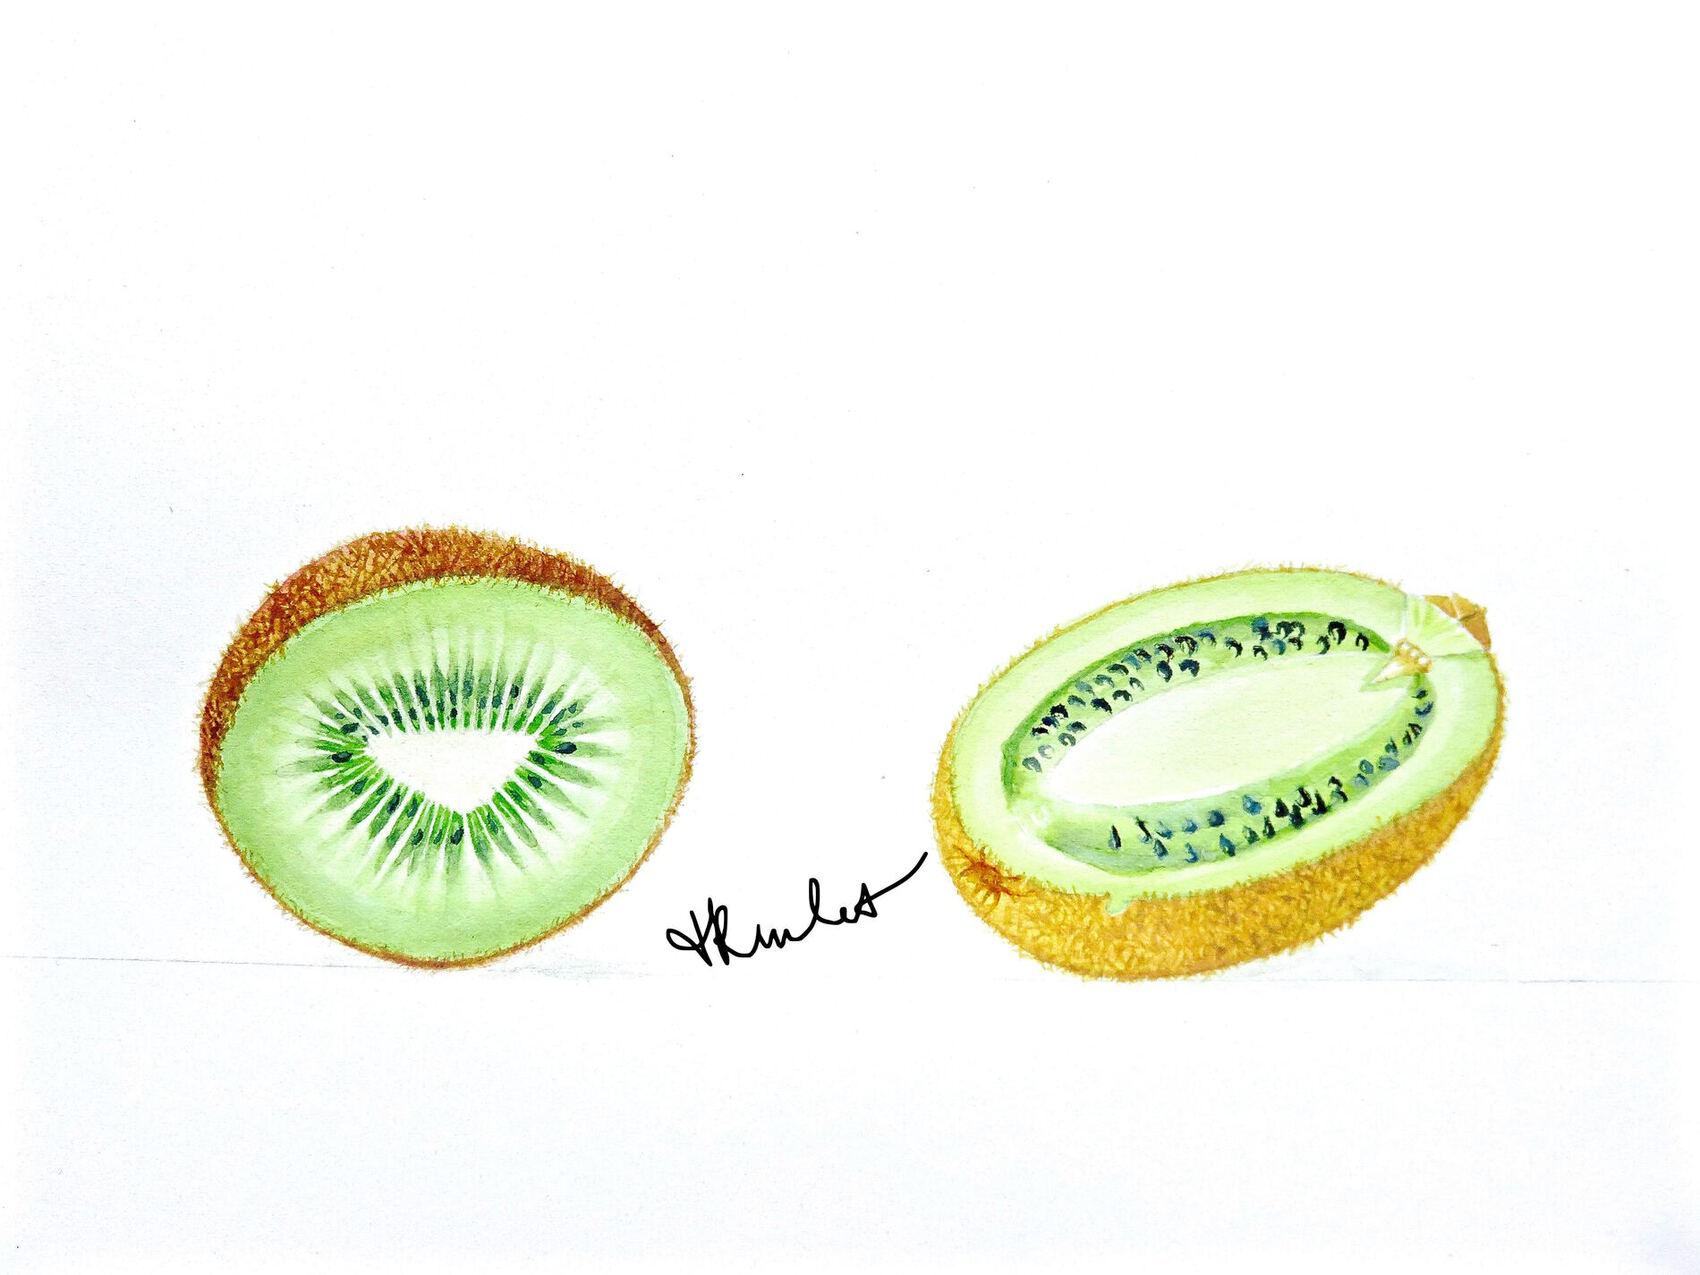 Le kiwi  coupé / Painting A cut kiwi